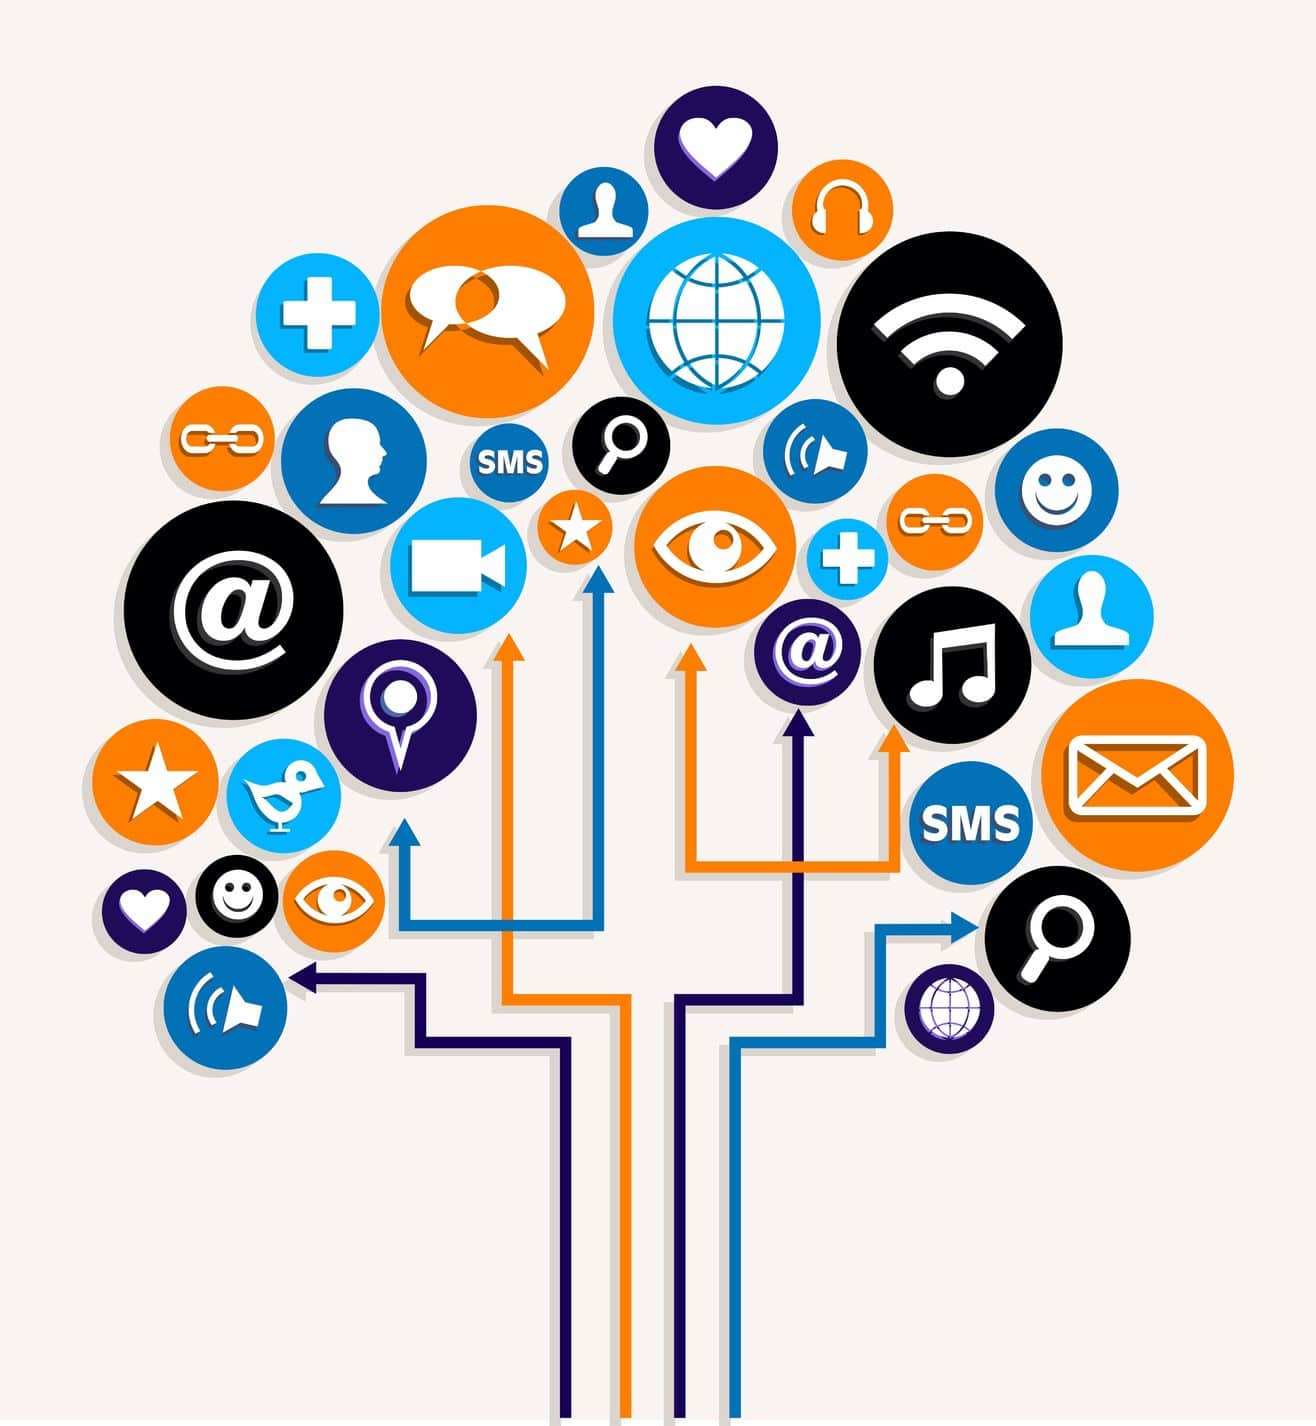 Agence de communication digitale : elle est importante pour votre entreprise